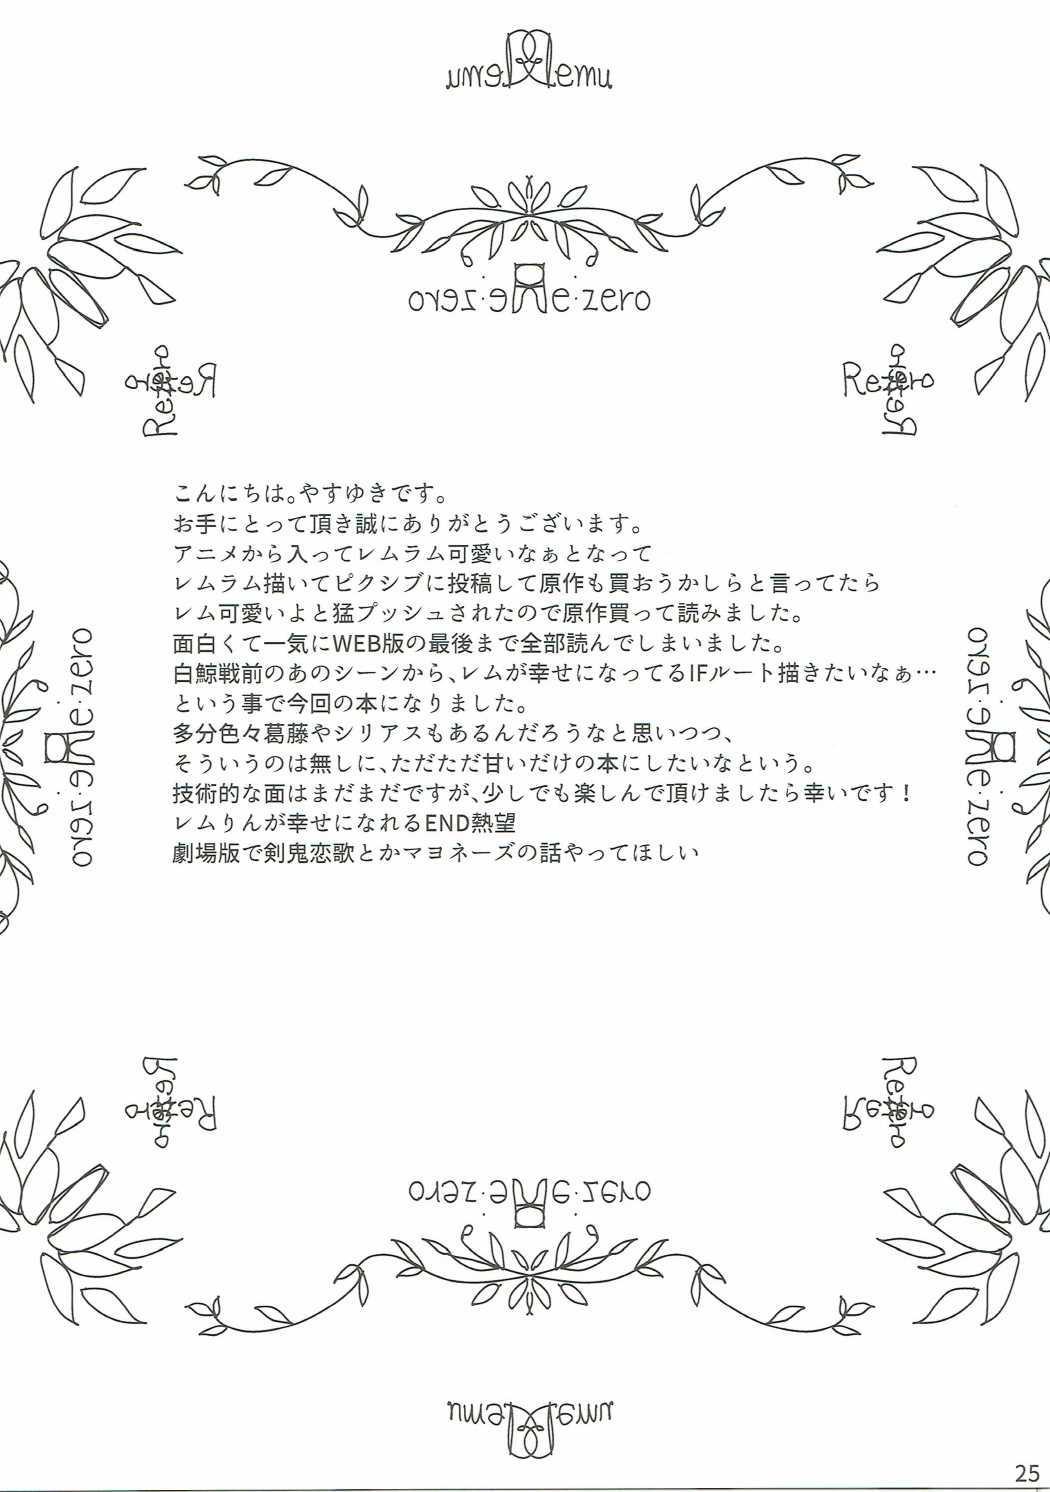 Re: Zero kara Hajimeru Isekai Icha Love Kekkon Seikatsu 23